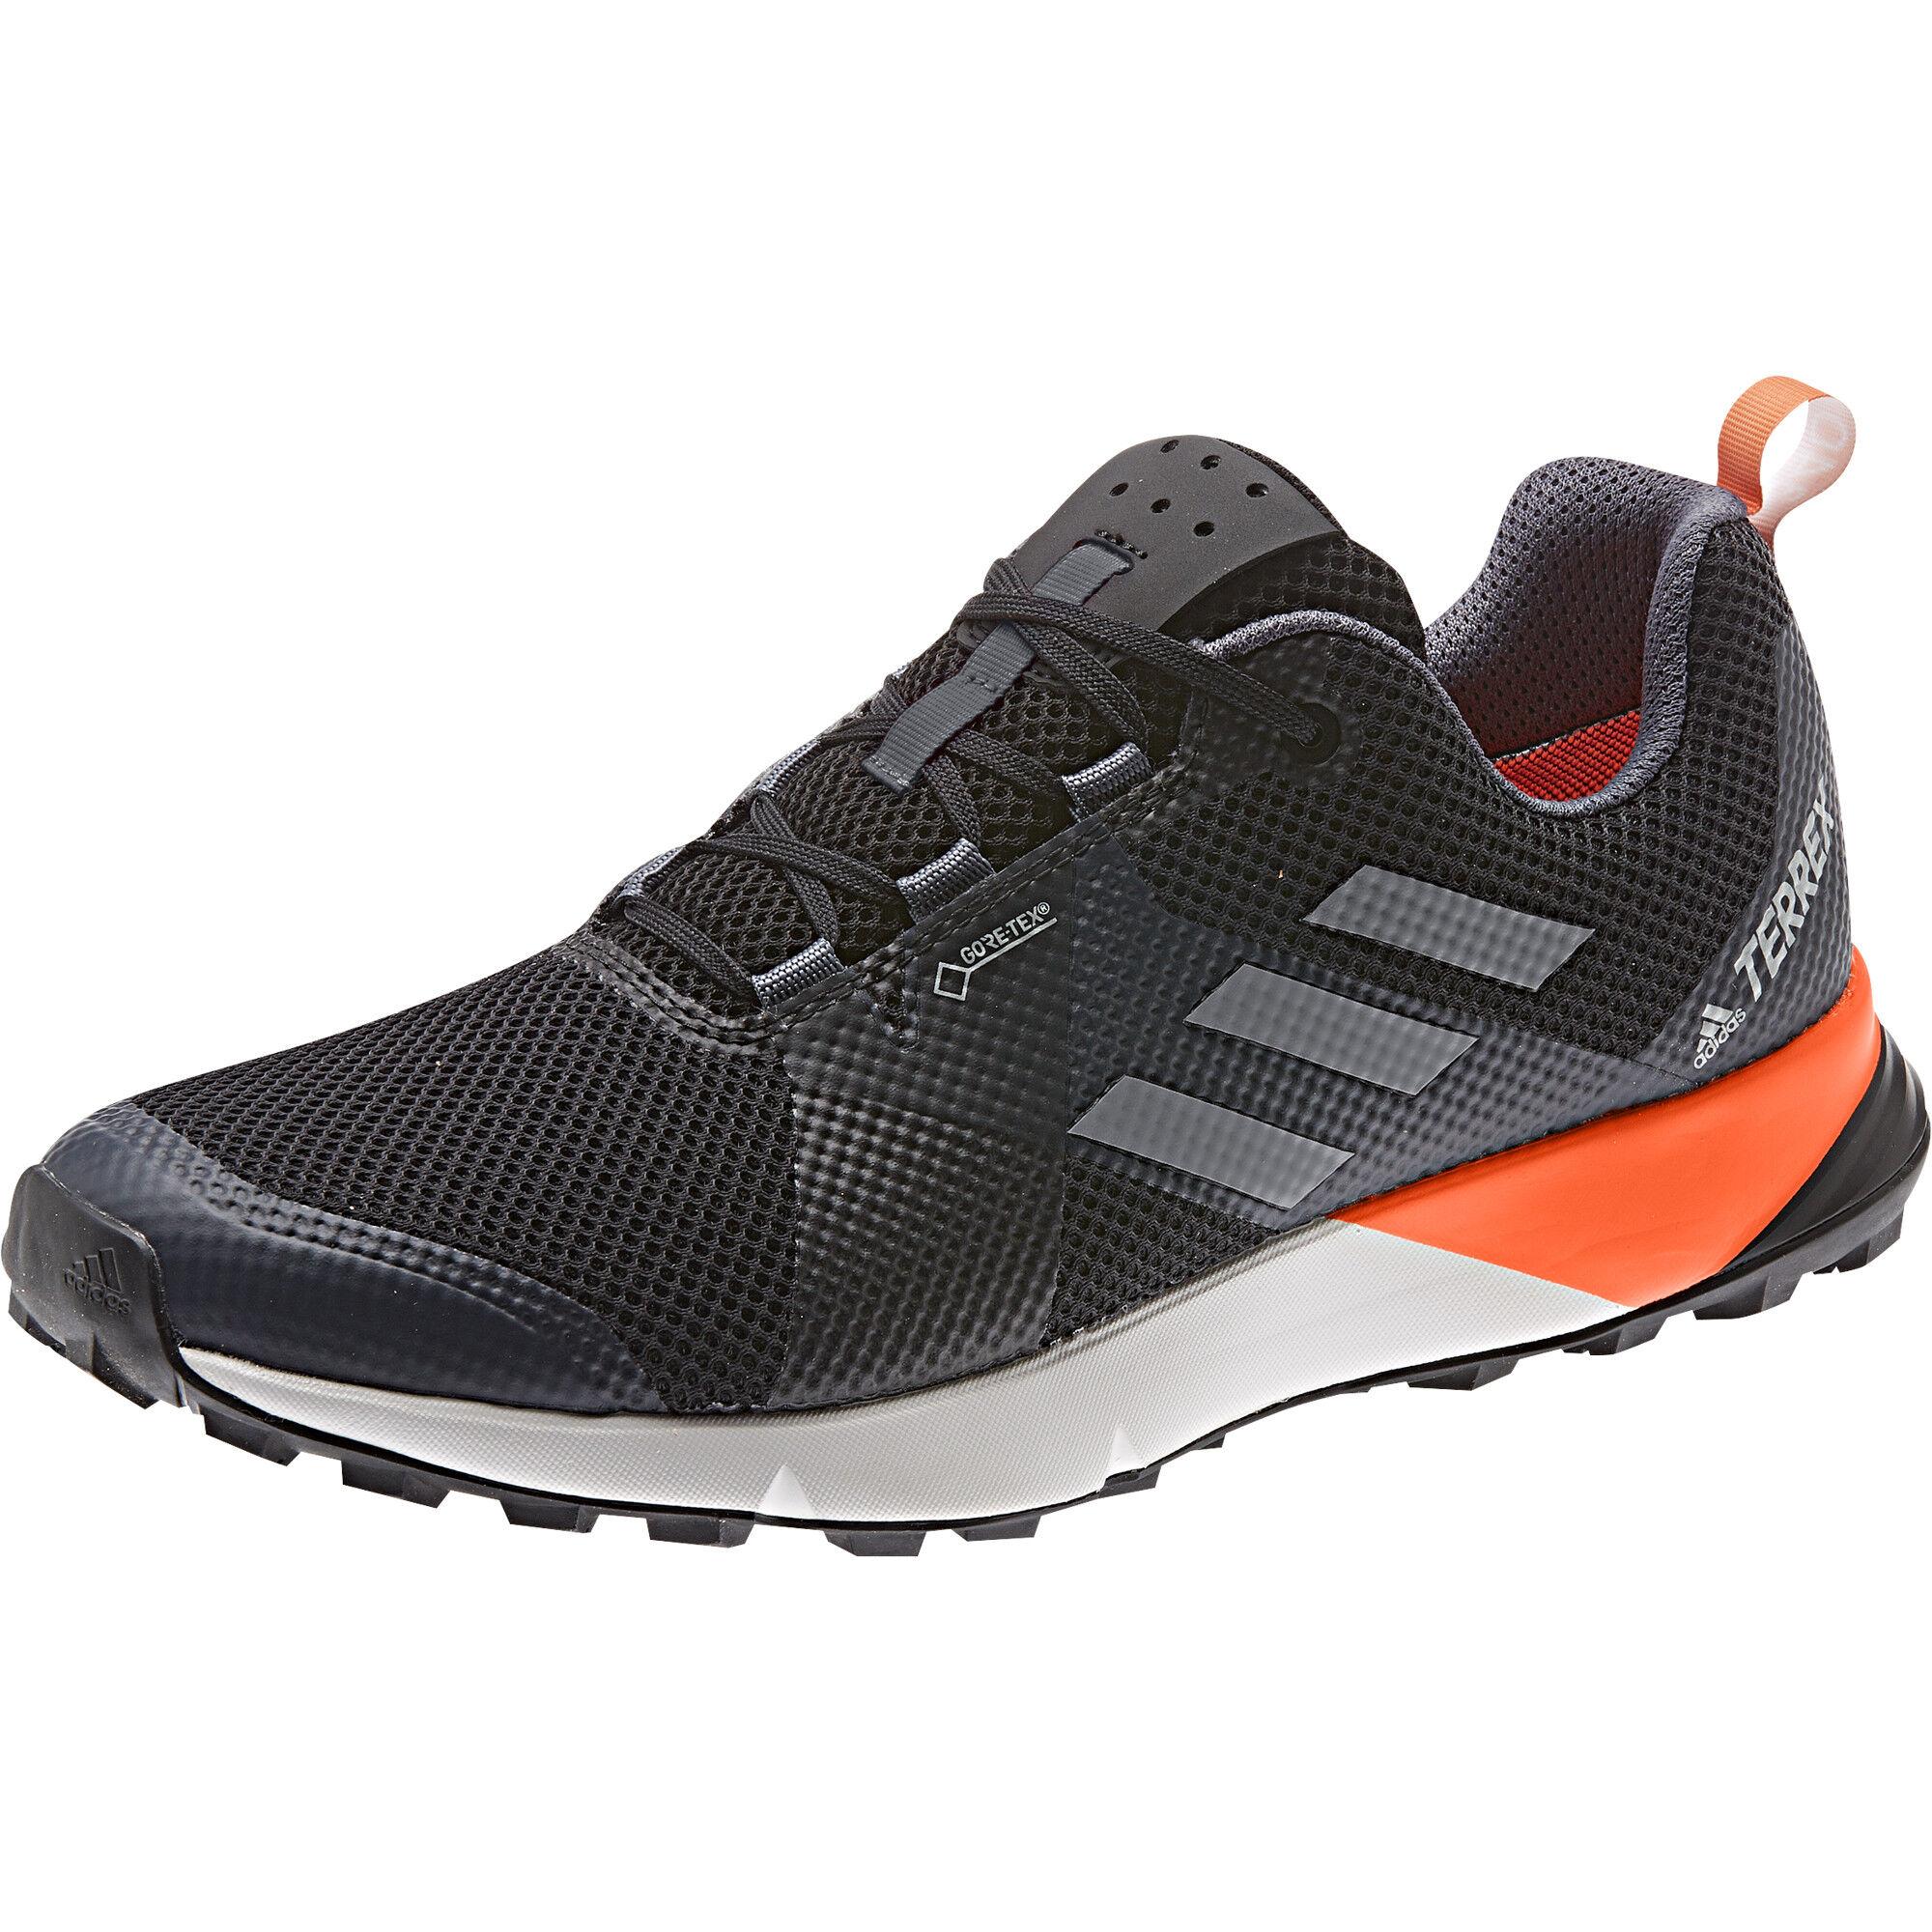 Schuhe Herren Herren Adidas Adidas Gtx Schuhe Schuhe Gtx Herren Adidas Adidas Gtx qRL354Acj